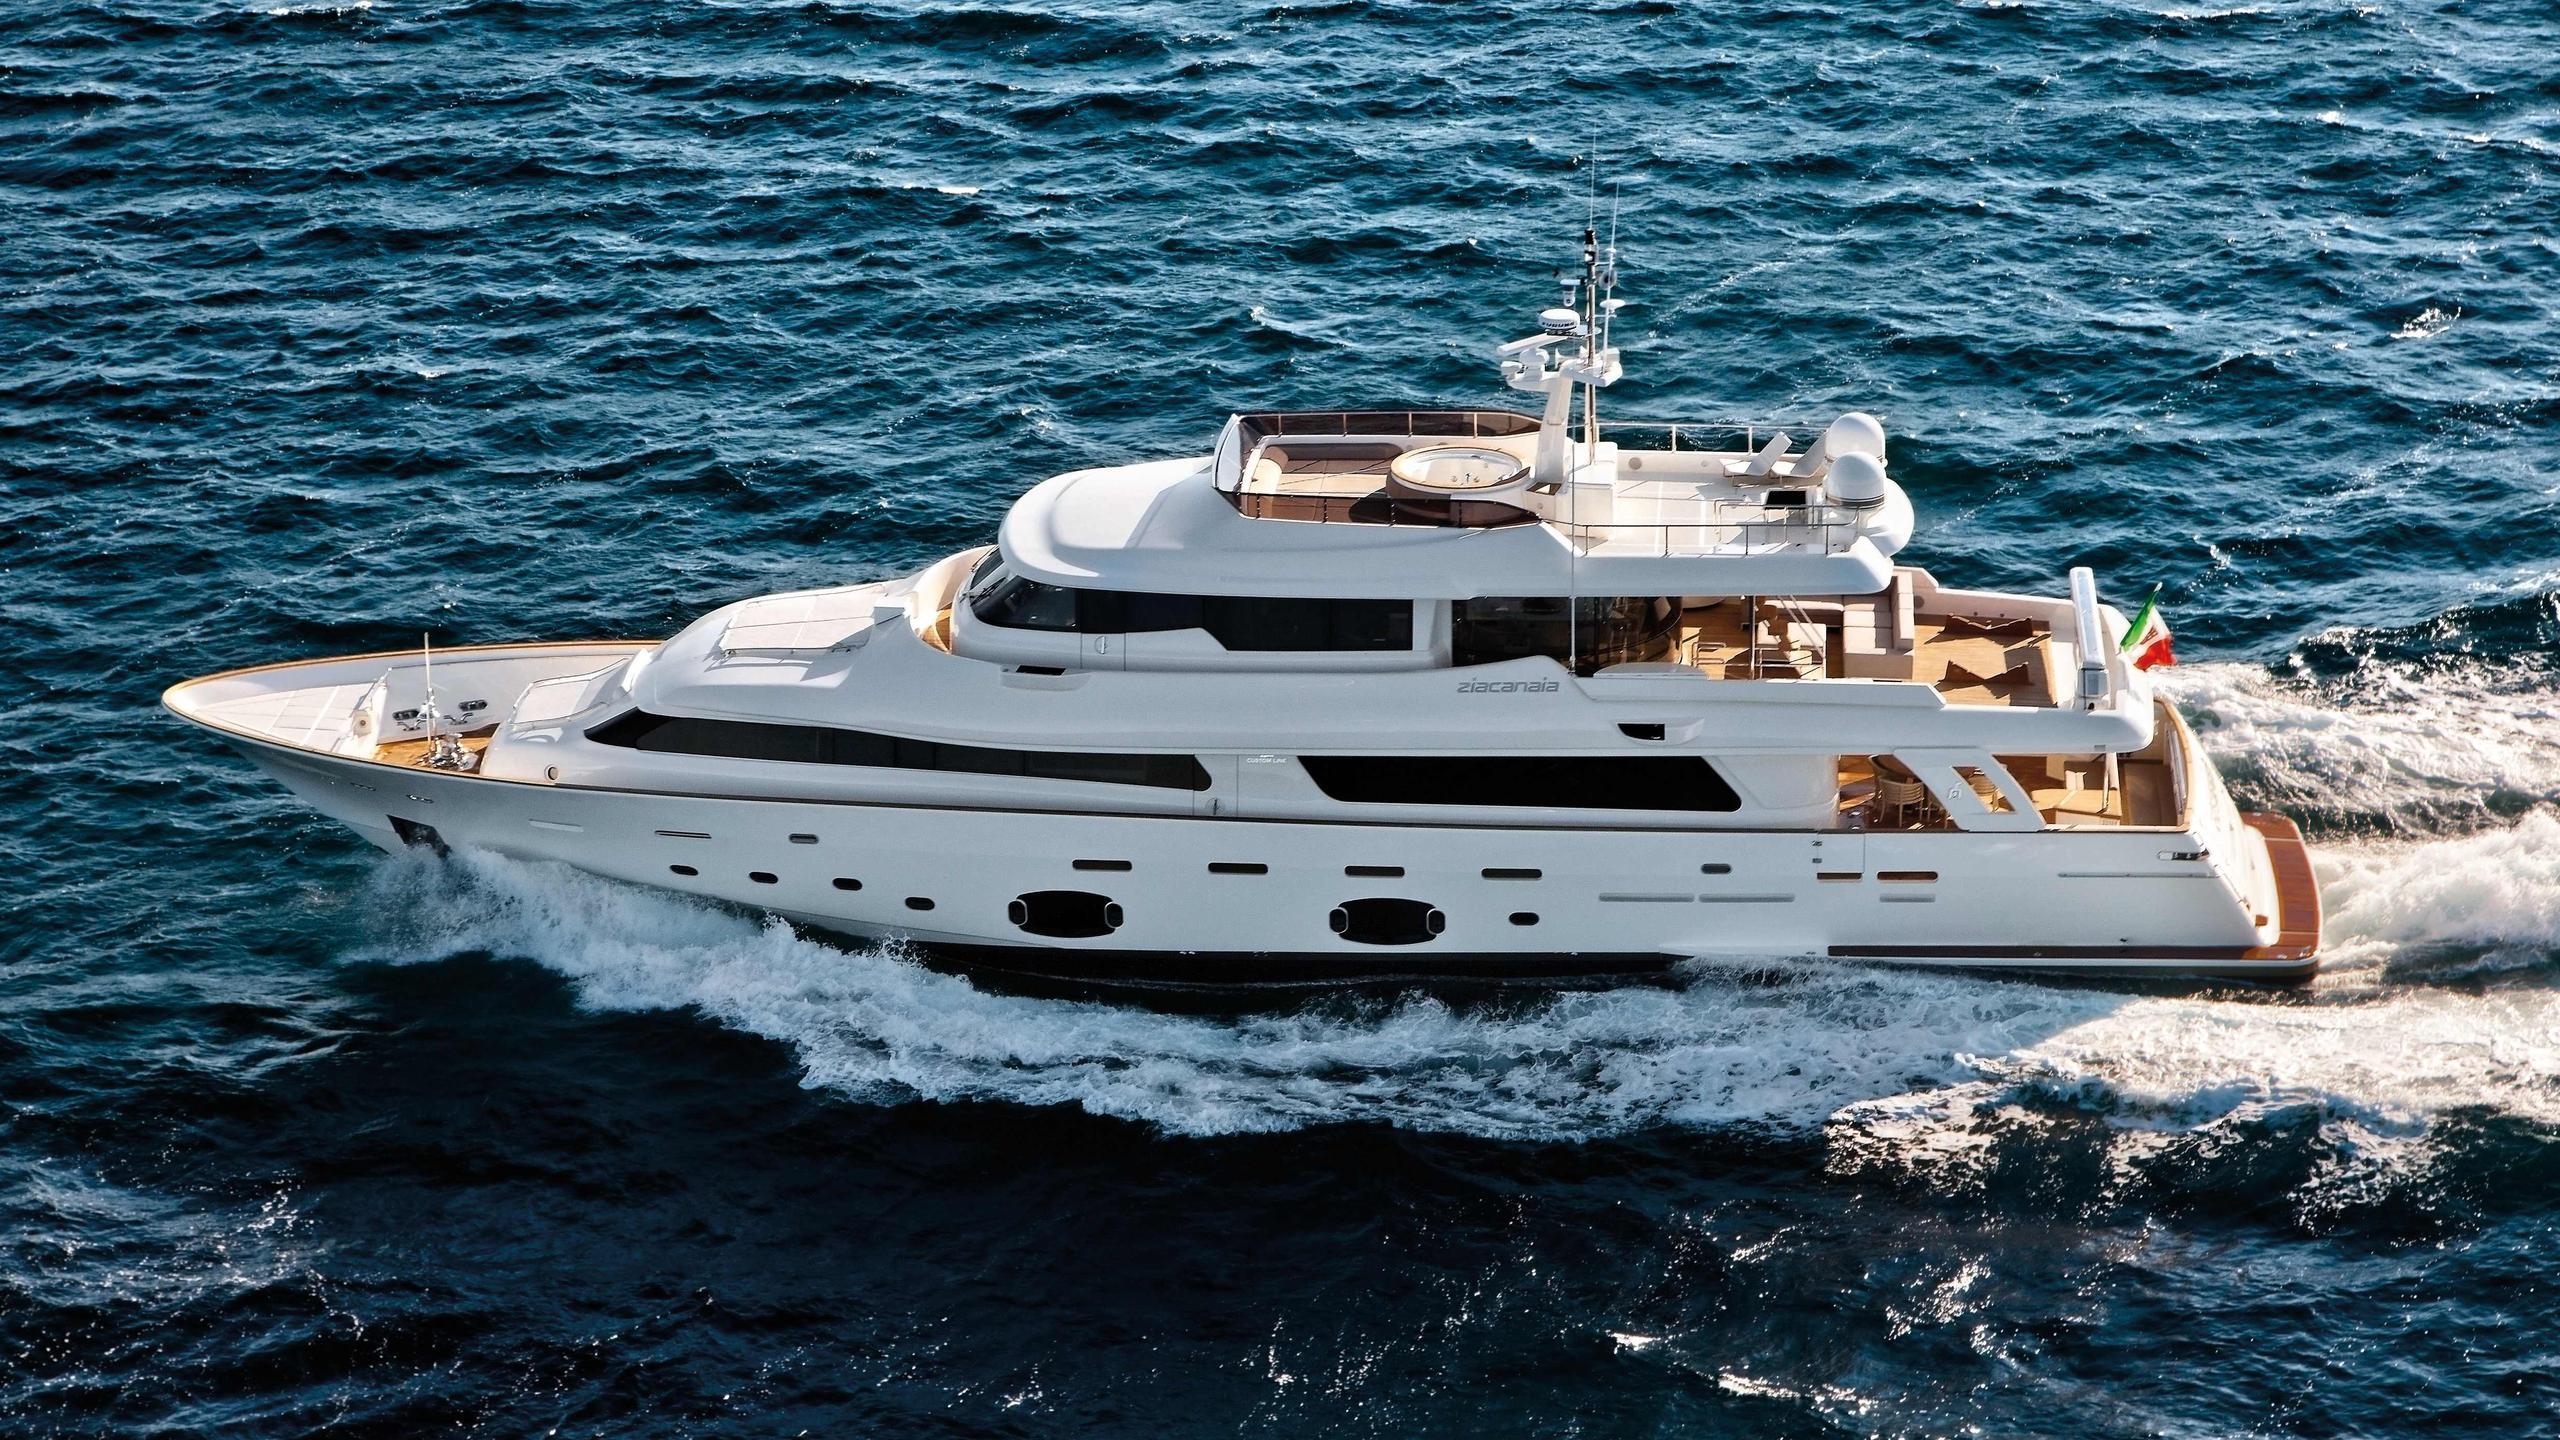 navetta-33-c-10-motor-yacht-ferretti-custom-line-2013-32m-cruising